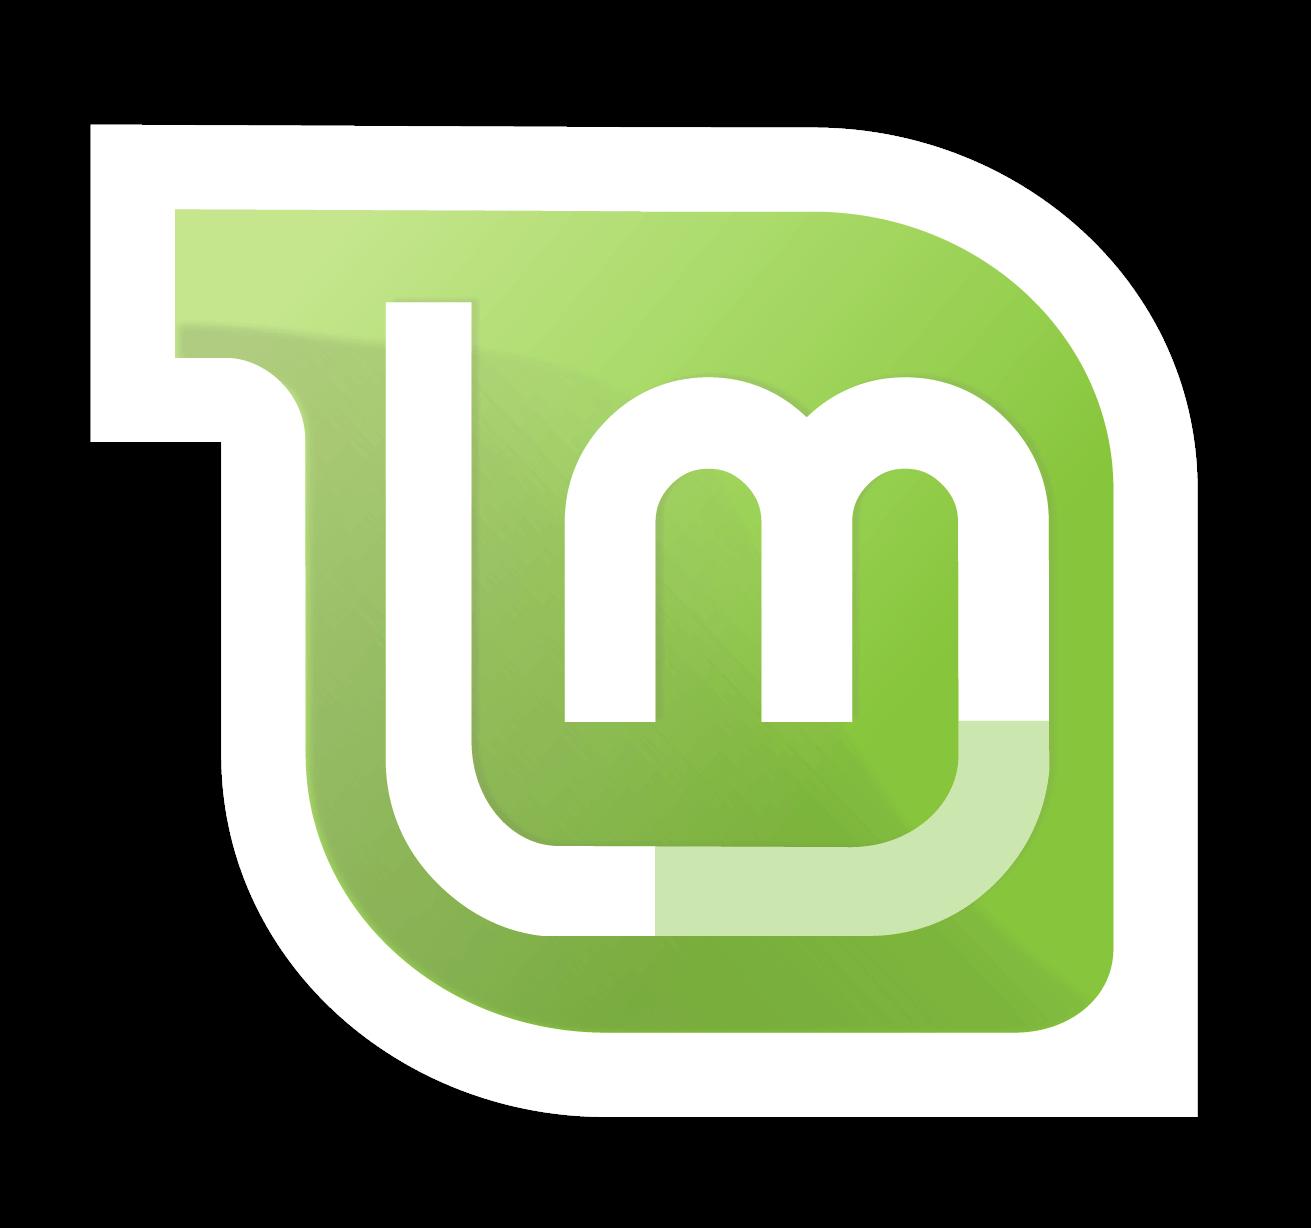 Linux Mint Logo png